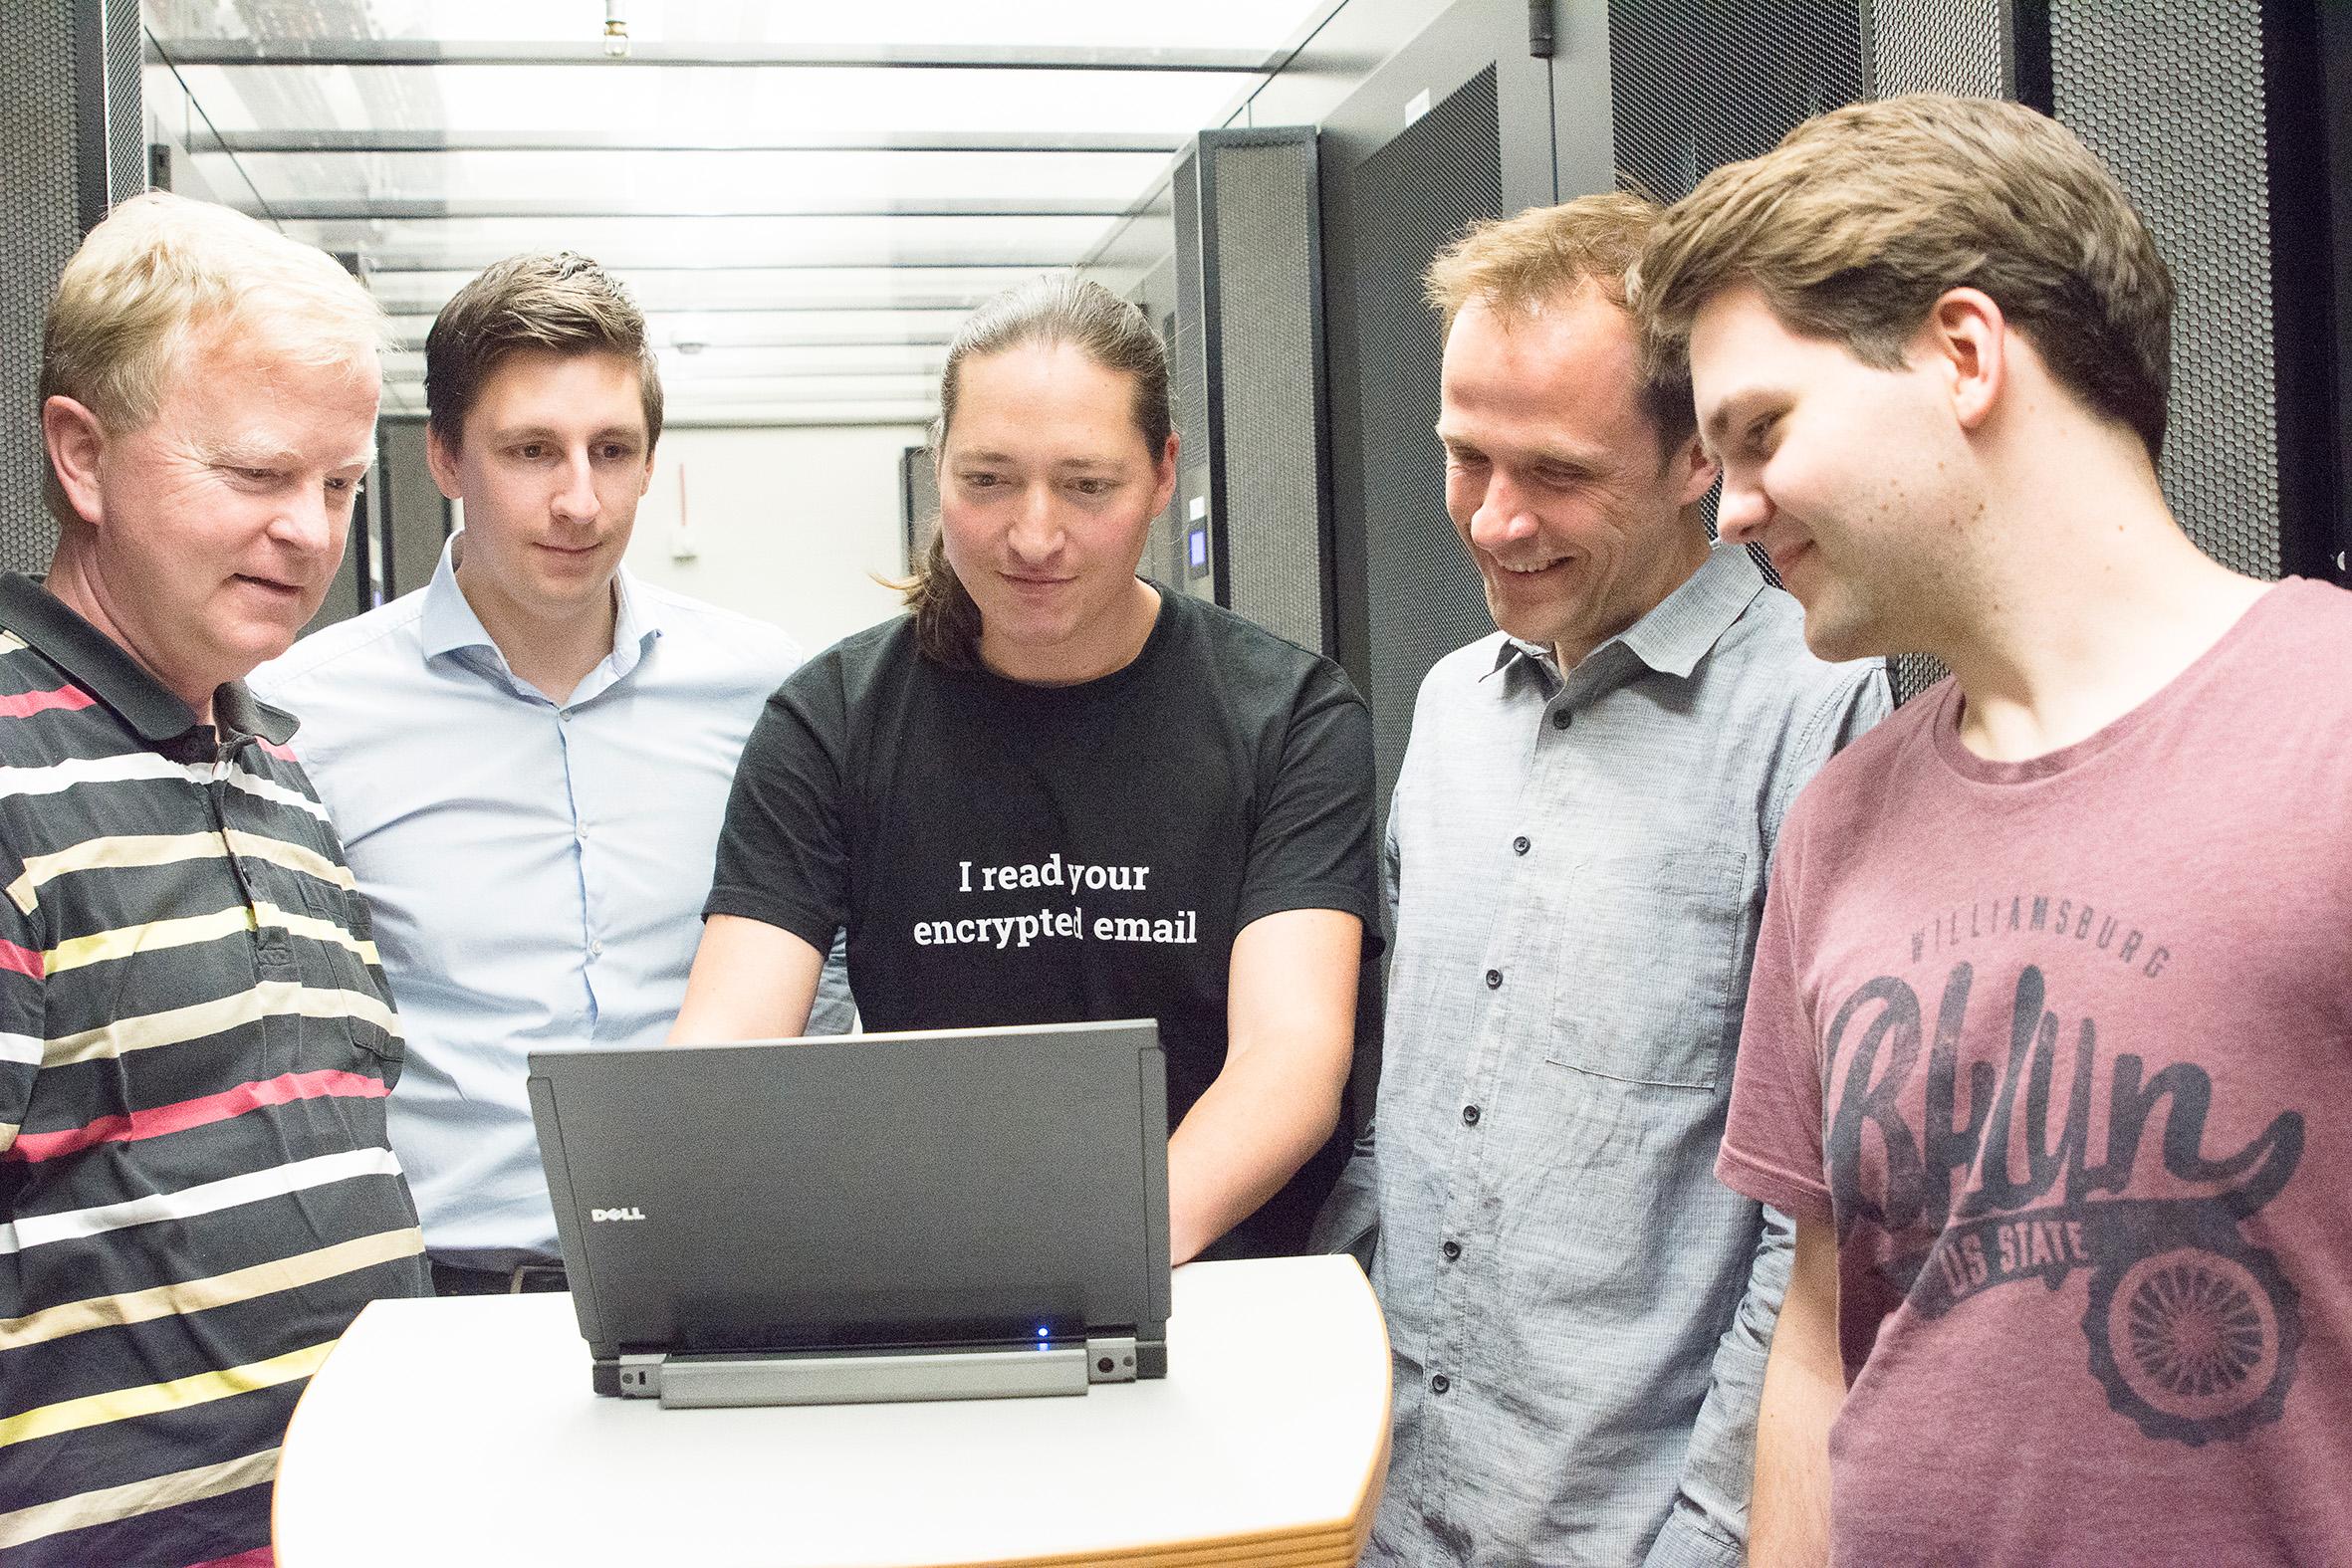 Gruppenbild in einem Serverraum